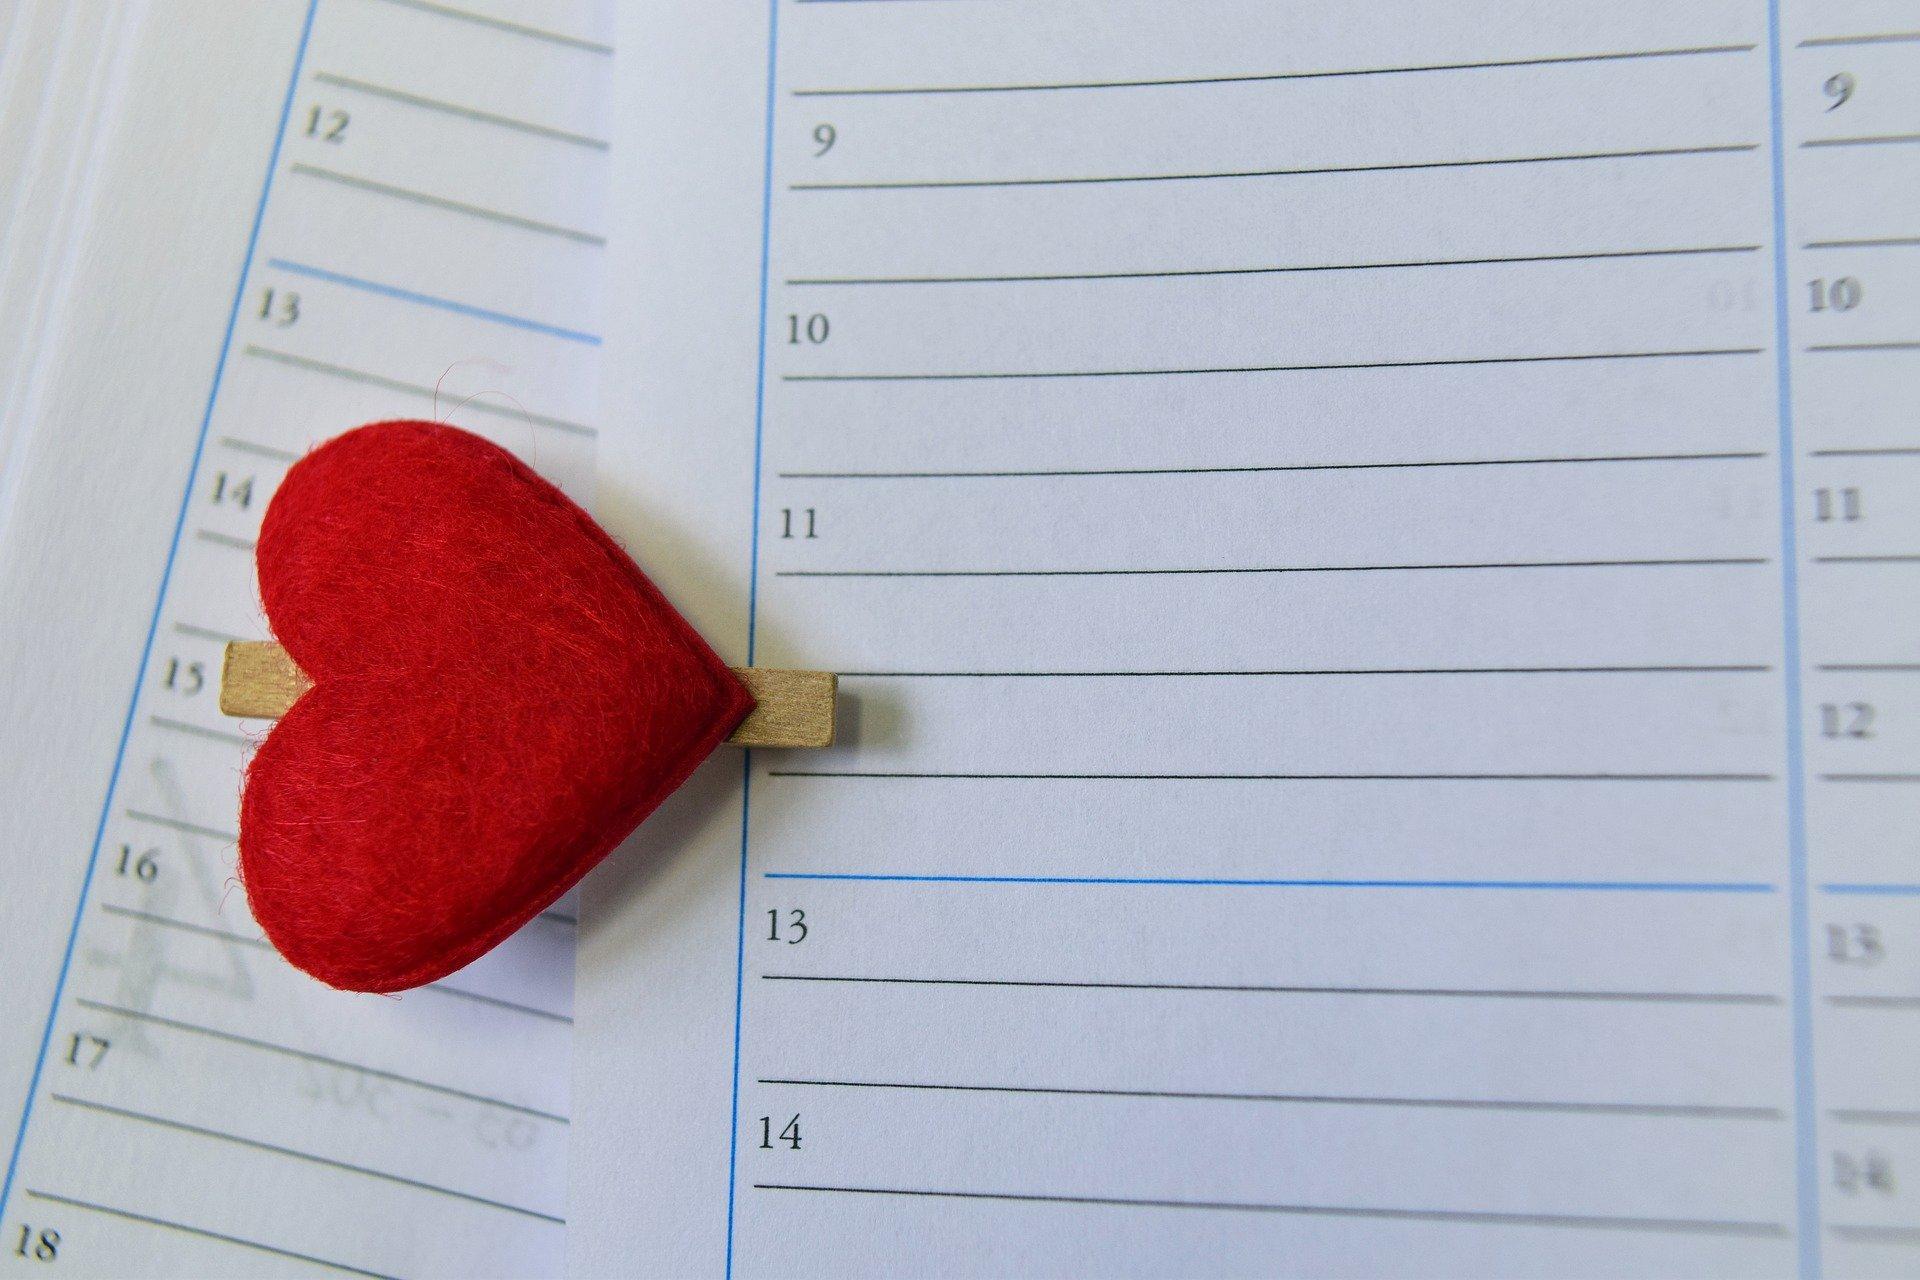 Dni płodne i niepłodne – jak obliczyć?